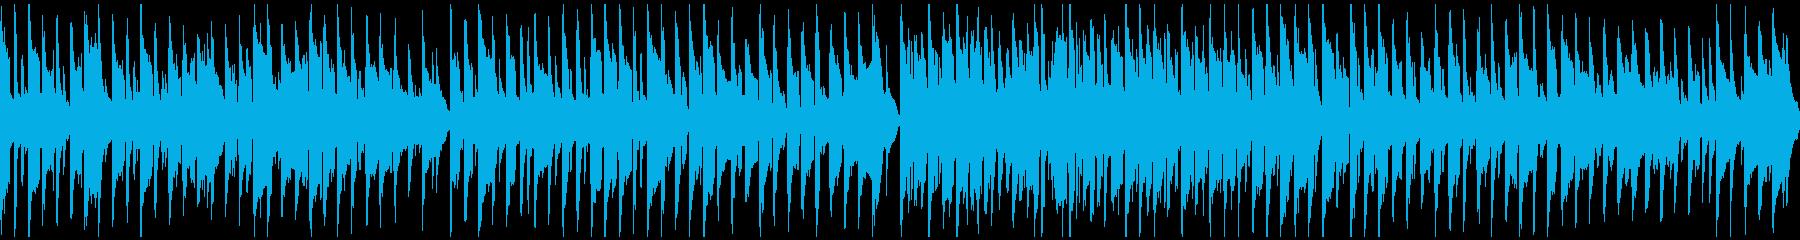 日常系リコーダー曲、へっぽこ ※ループ版の再生済みの波形